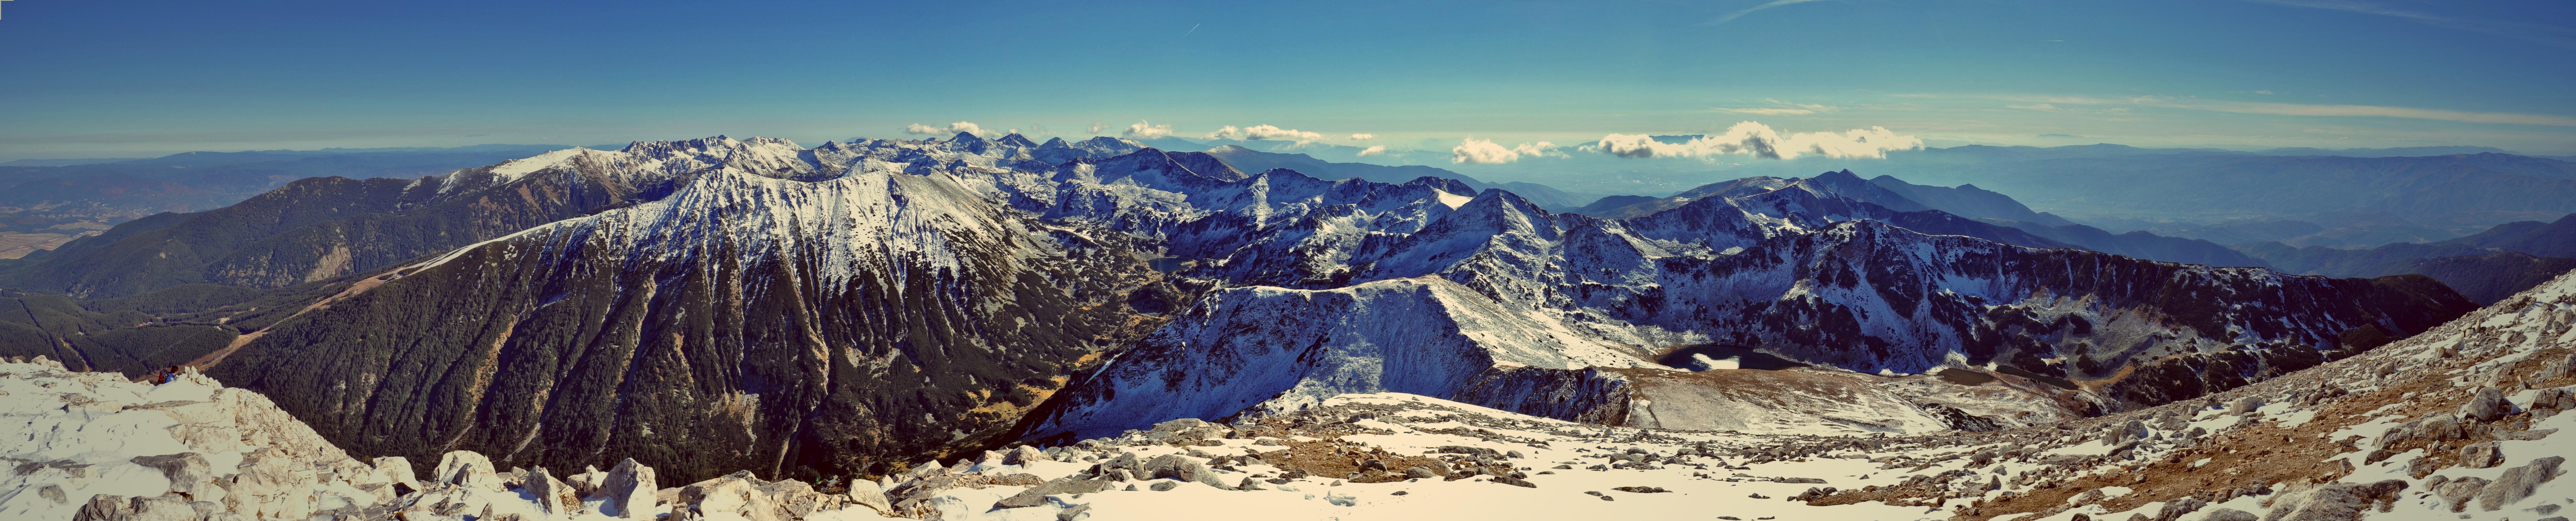 Панорамен изглед от връх Вихрен, Национален парк Пирин, България.